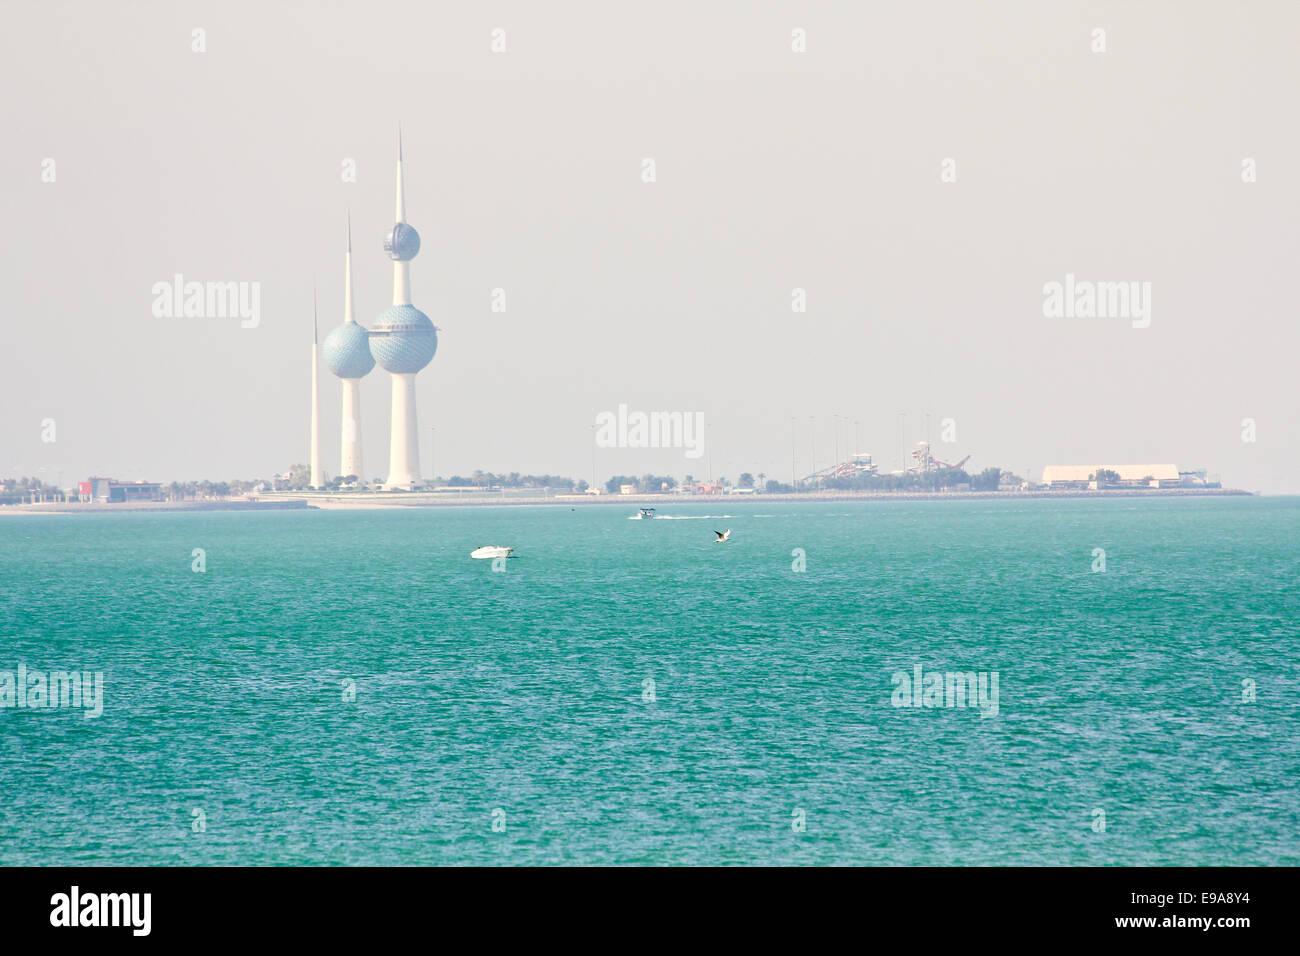 Kuwait Towers at daylight - Stock Image